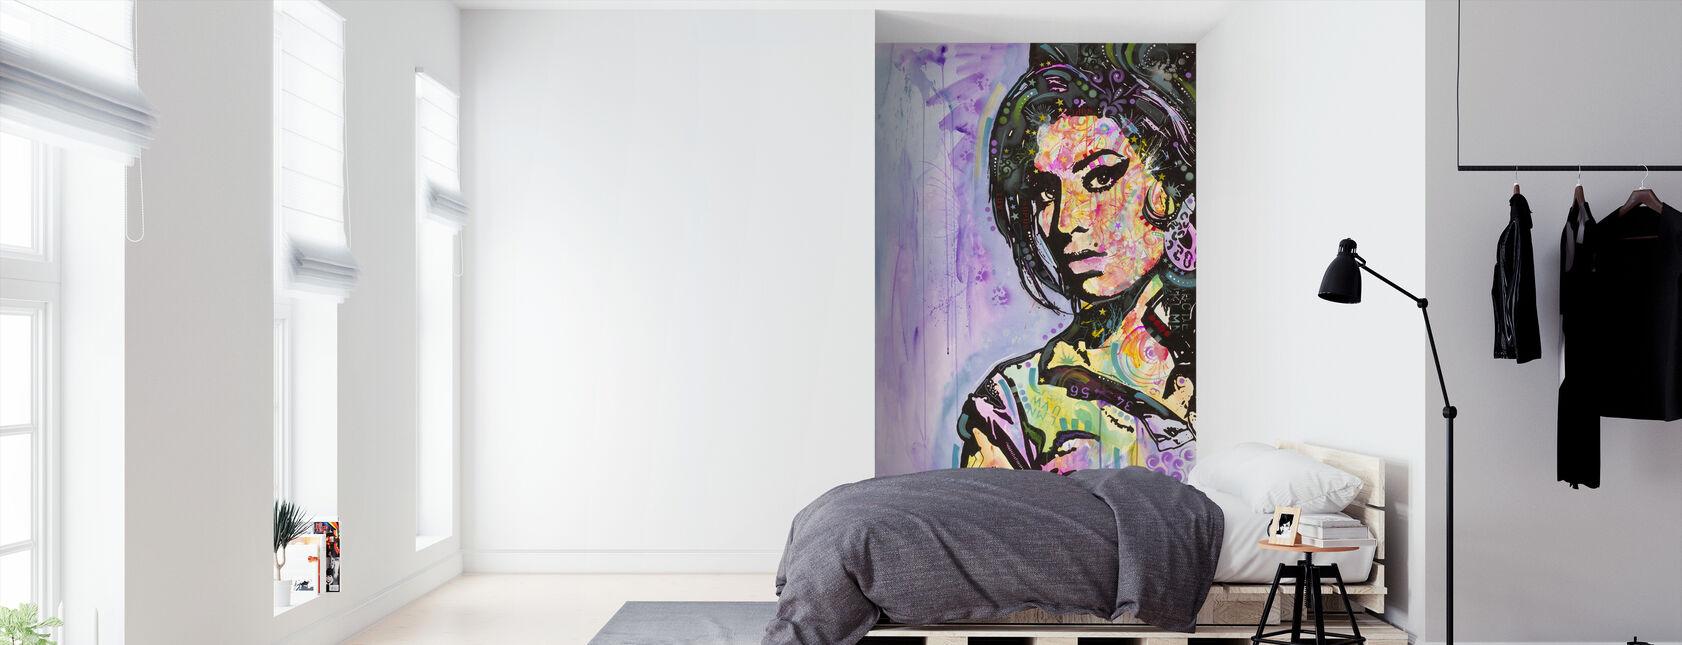 Amy - Tapet - Soveværelse